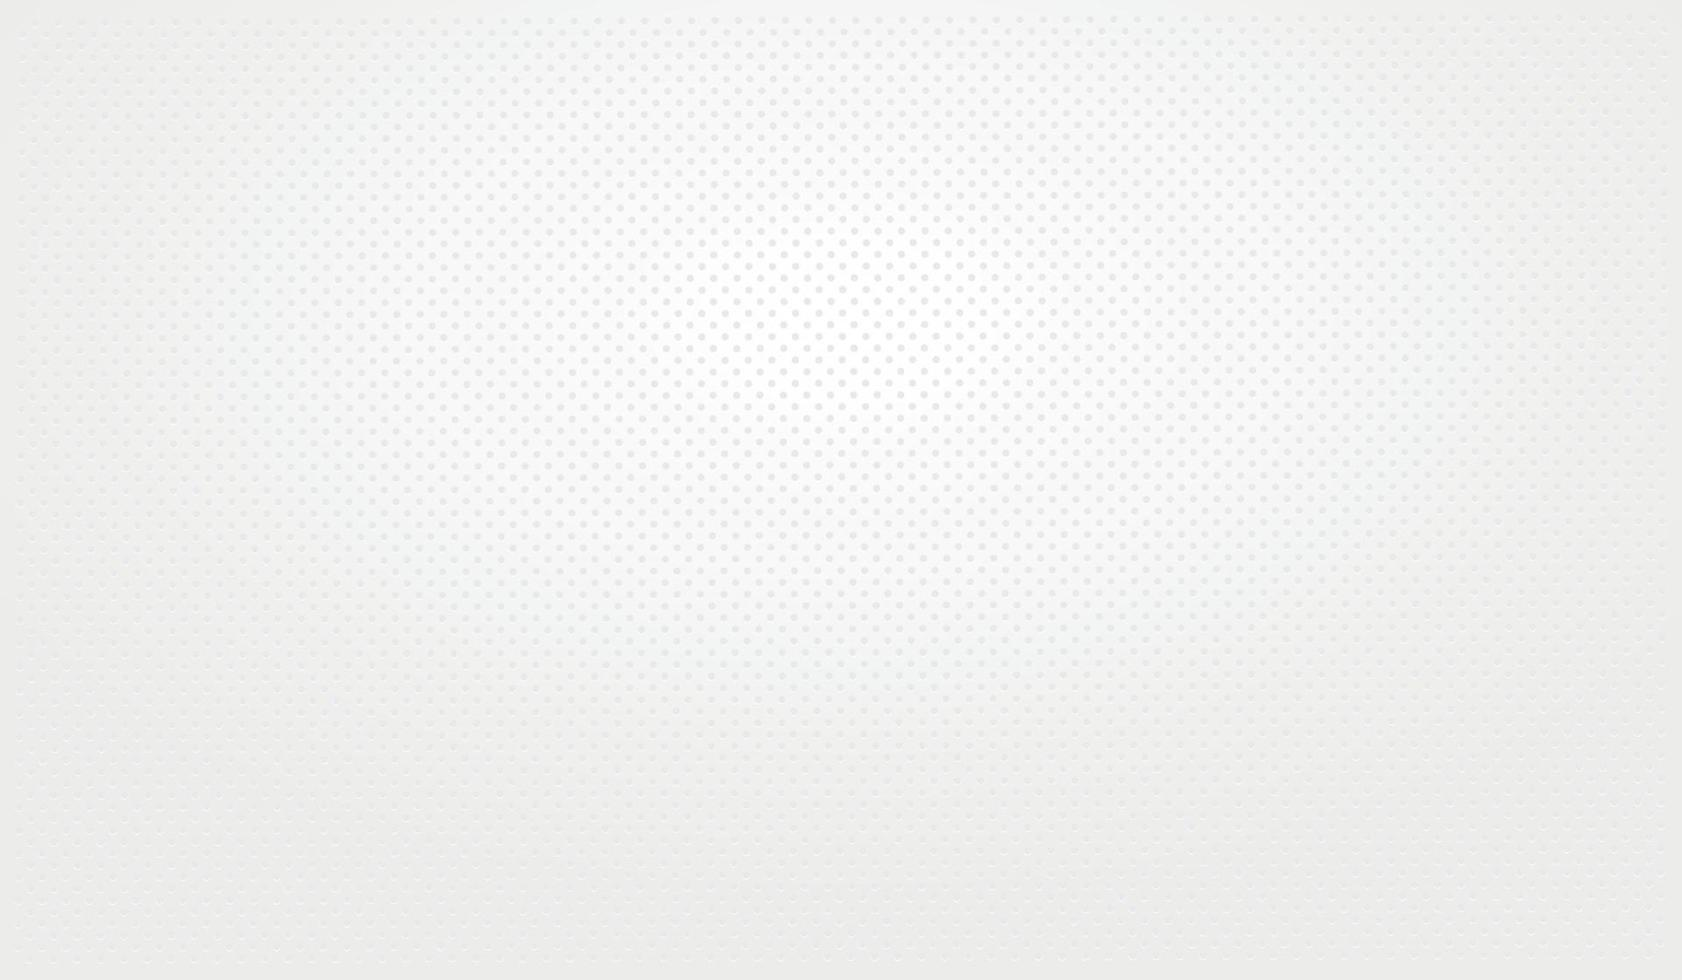 vit perforerad bakgrund med vita hål och en glöd vektor